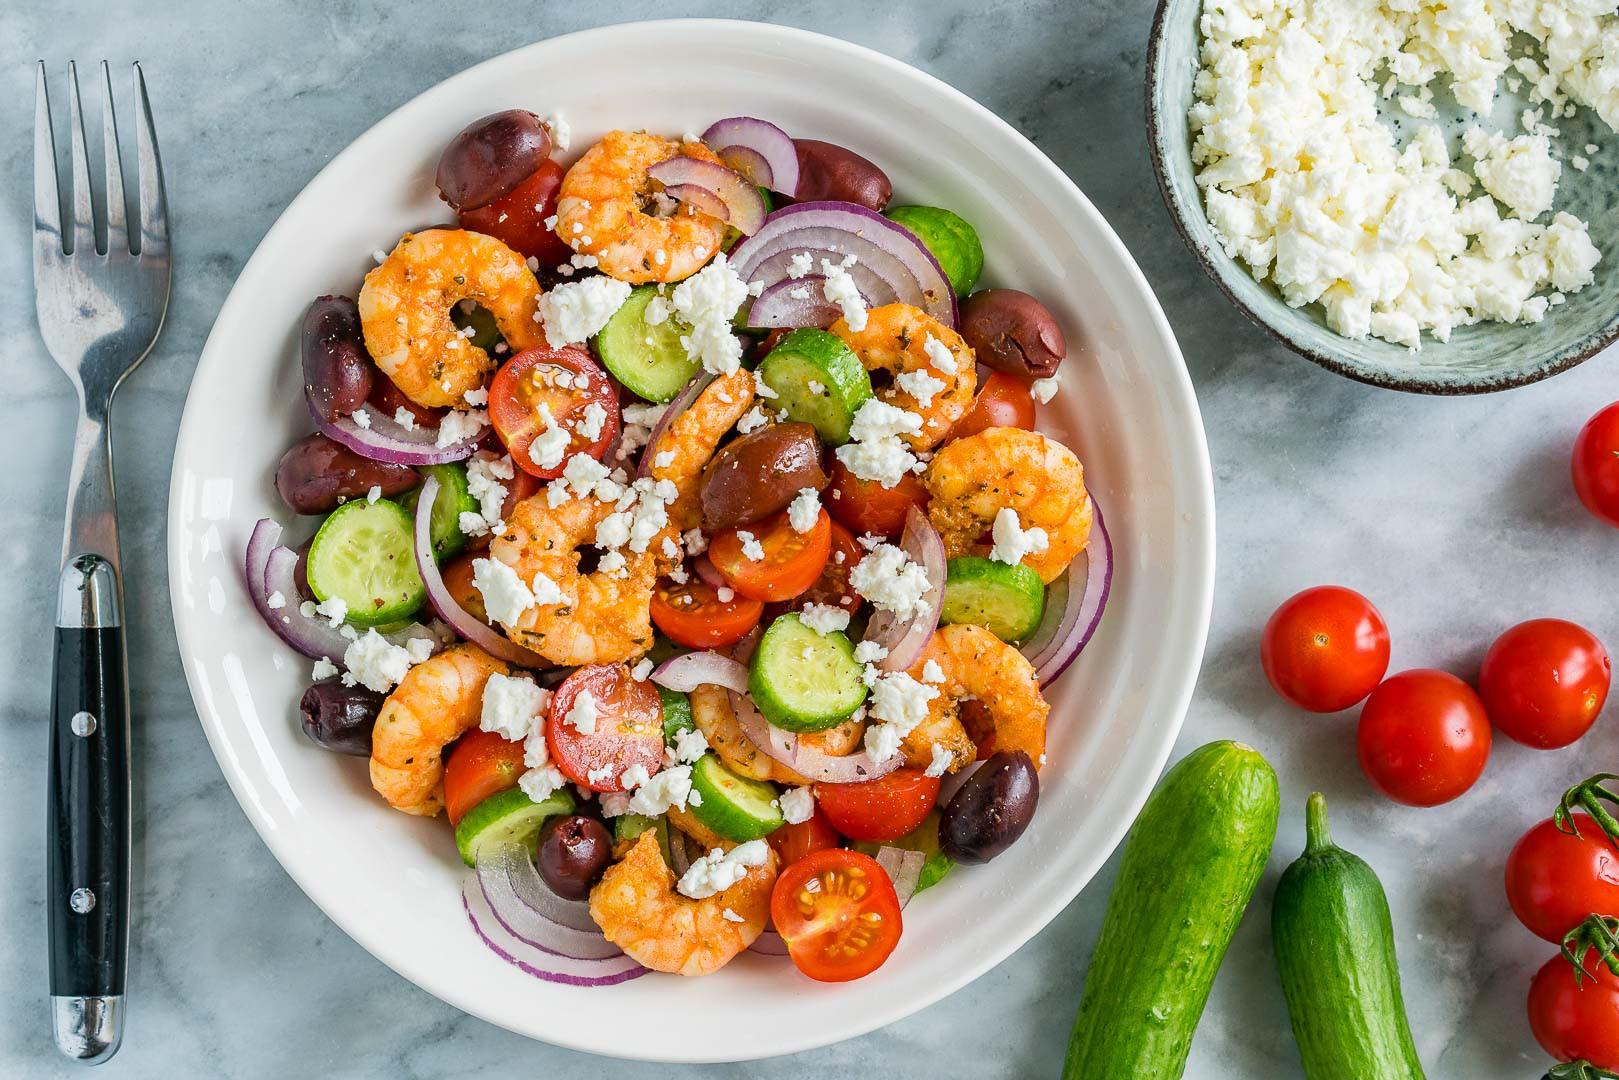 Muốn có bữa ăn trưa chuẩn eat clean để giảm cân giữ dáng: HLV chỉ ra mẹo hay để ai cũng có thể áp dụng - Ảnh 3.